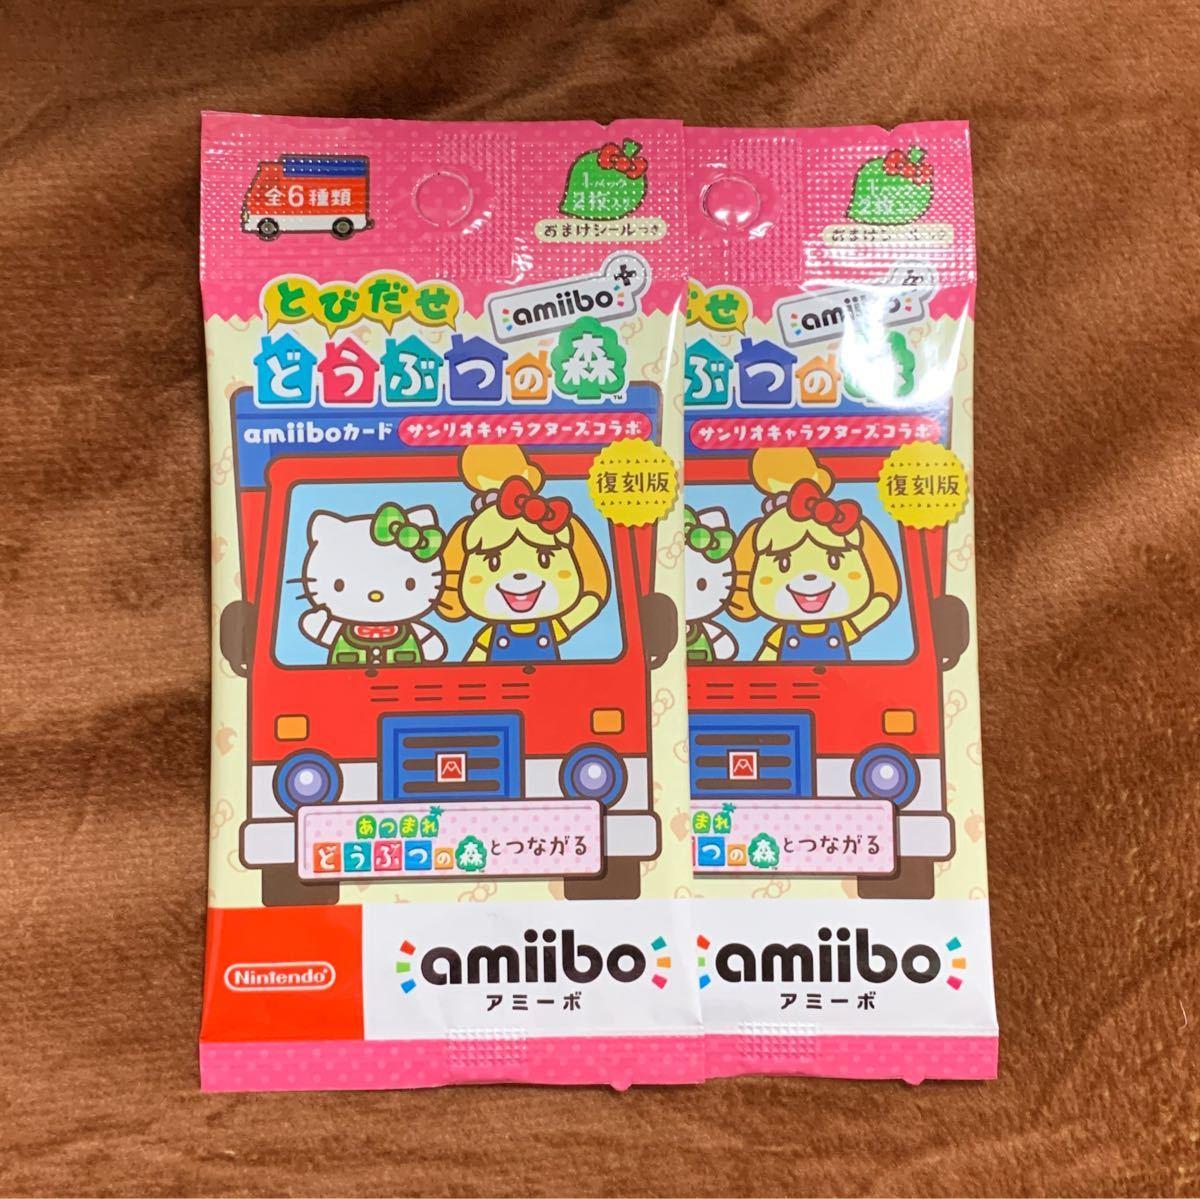 amiiboカード とびだせどうぶつの森amiibo+ サンリオキャラクターズ コラボ  2パック